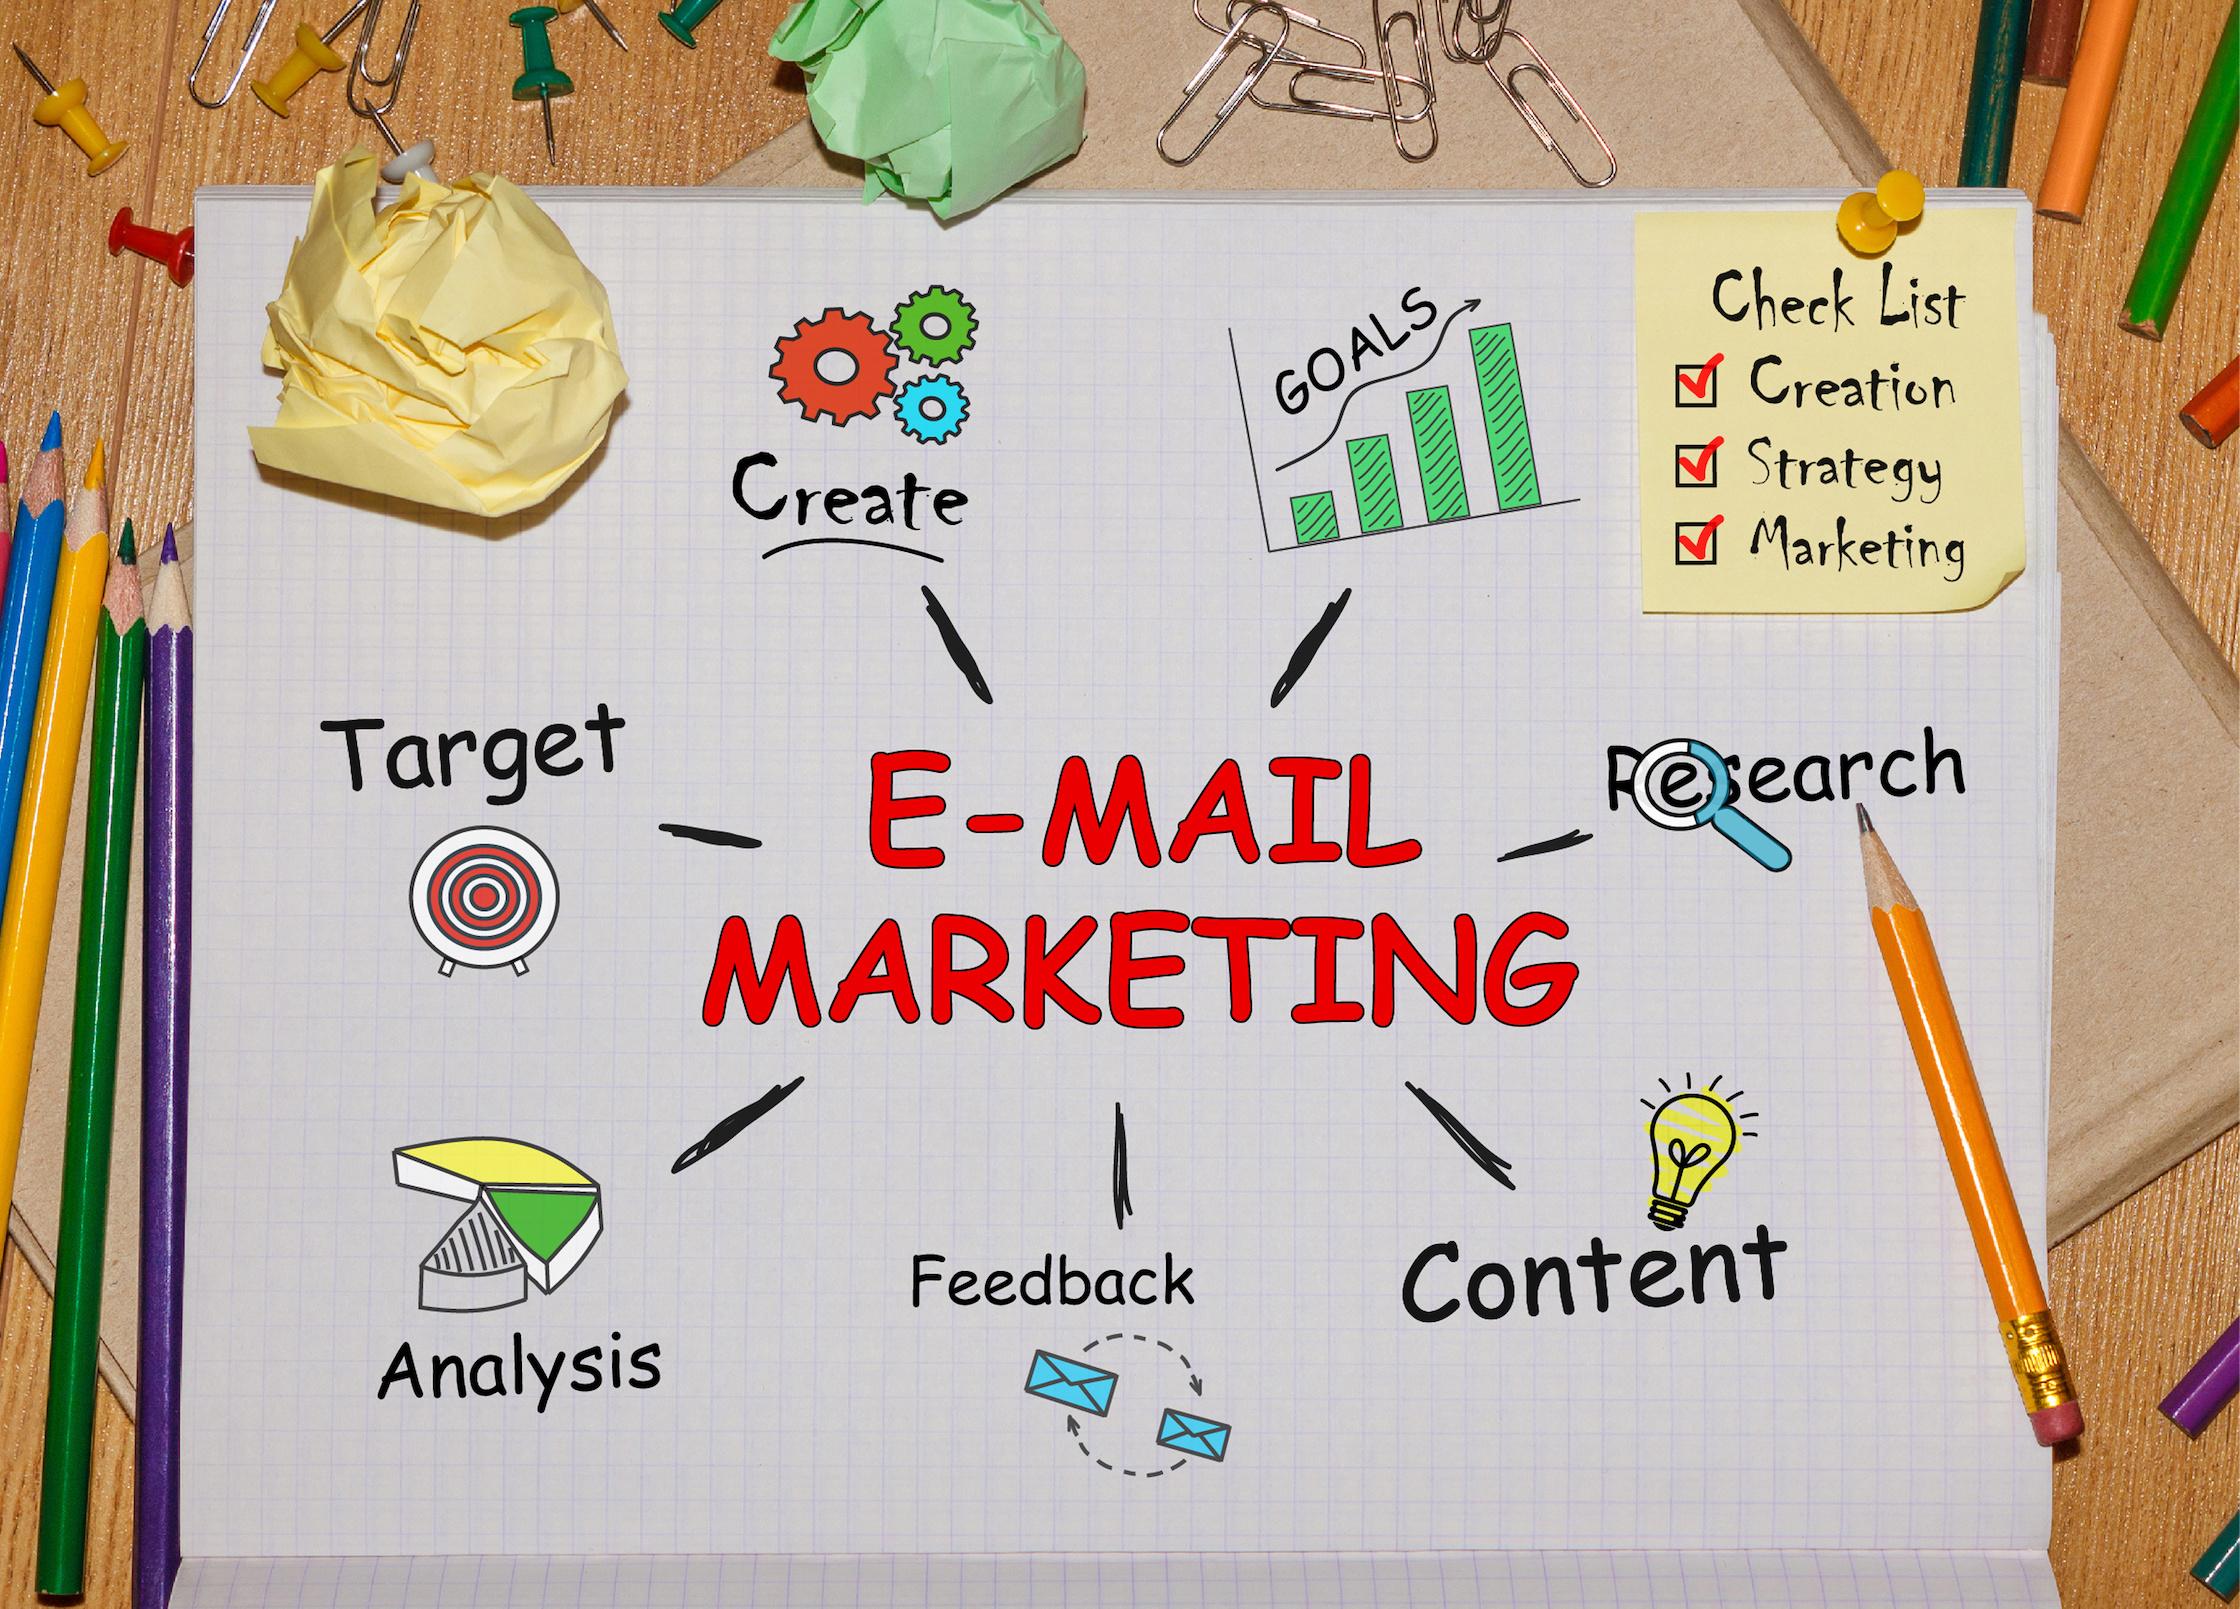 メールマーケティングと書かれたノート